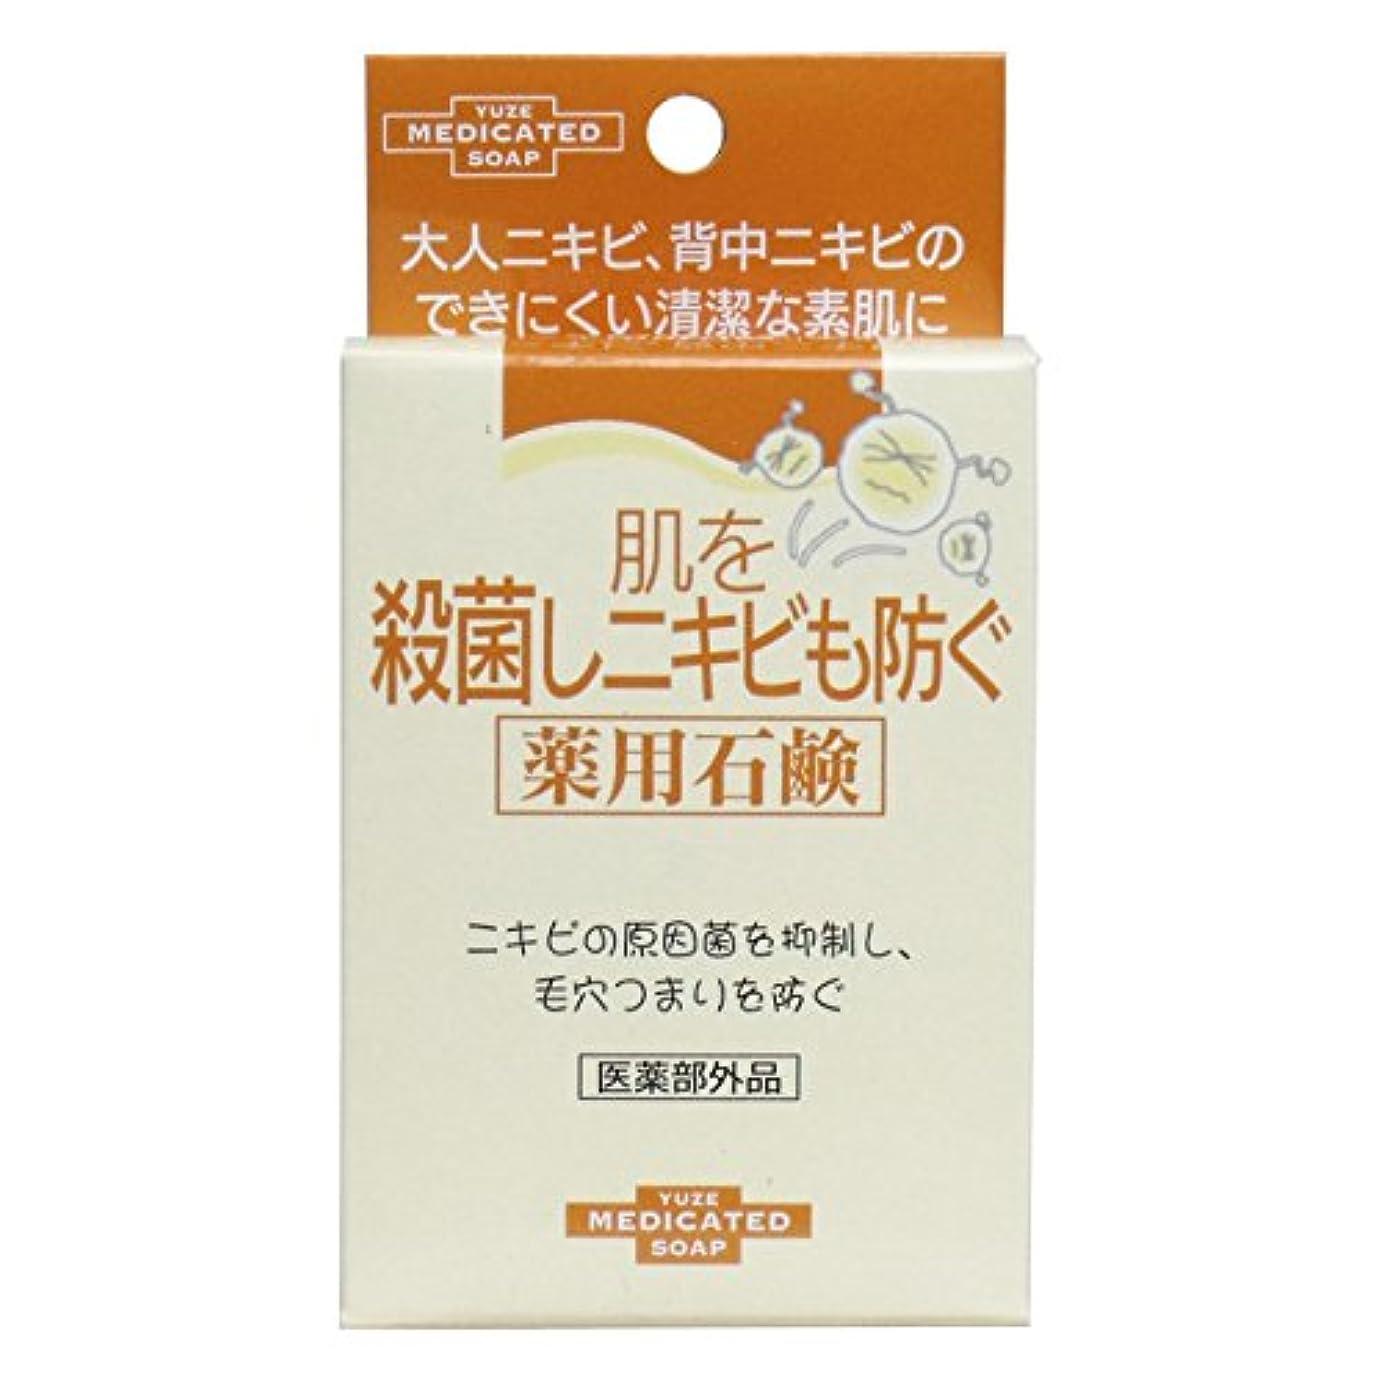 ユゼ 肌を殺菌しニキビも防ぐ薬用石鹸 (110g)